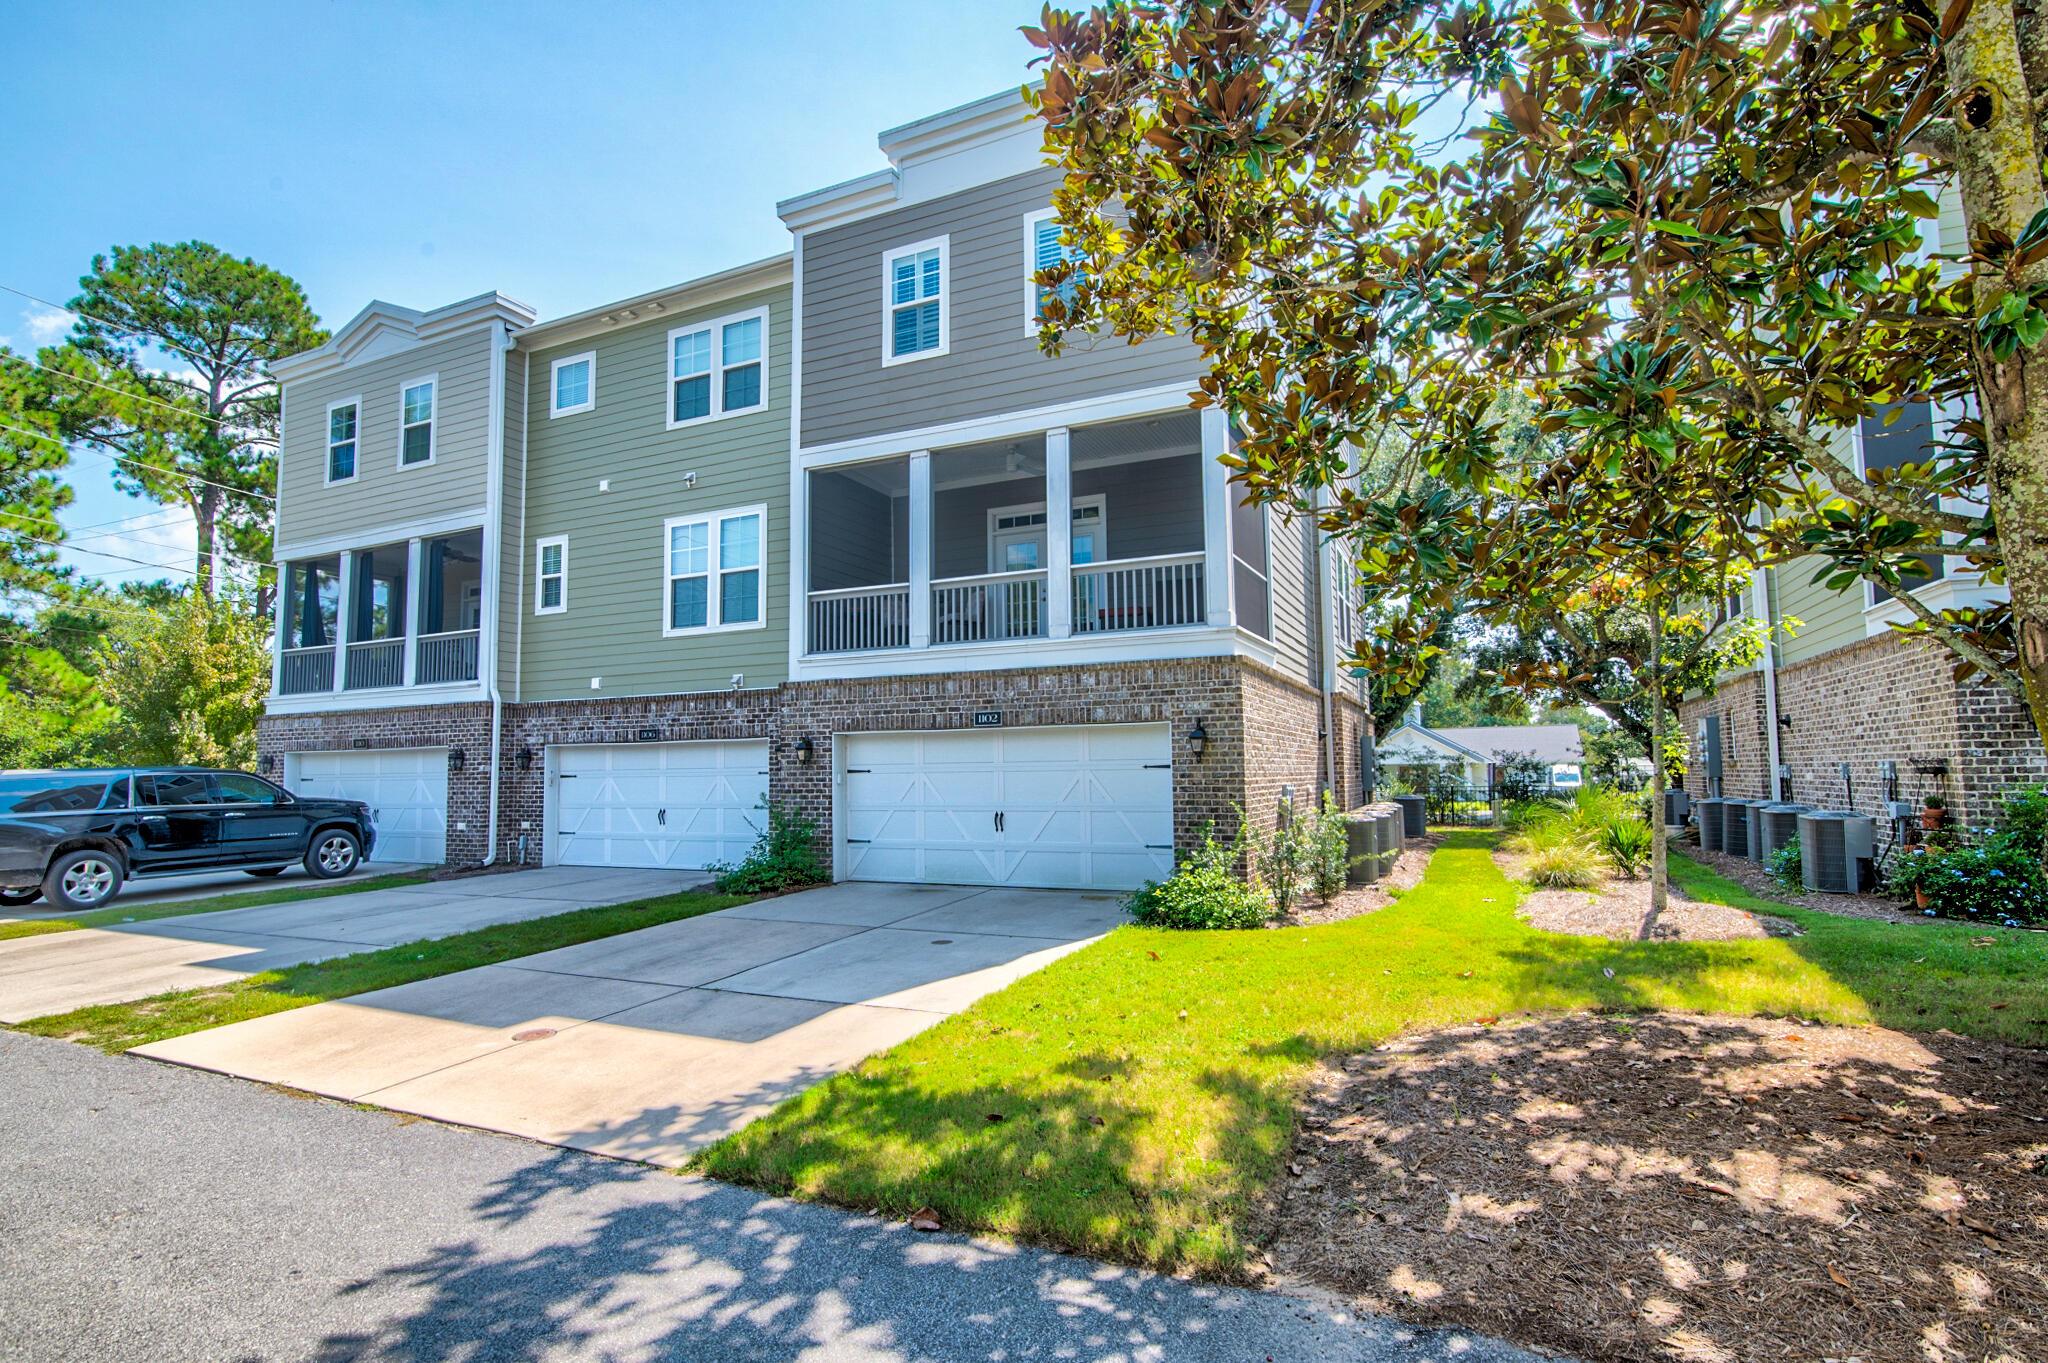 Whitesides Park Homes For Sale - 1102 Alagash Way, Mount Pleasant, SC - 1